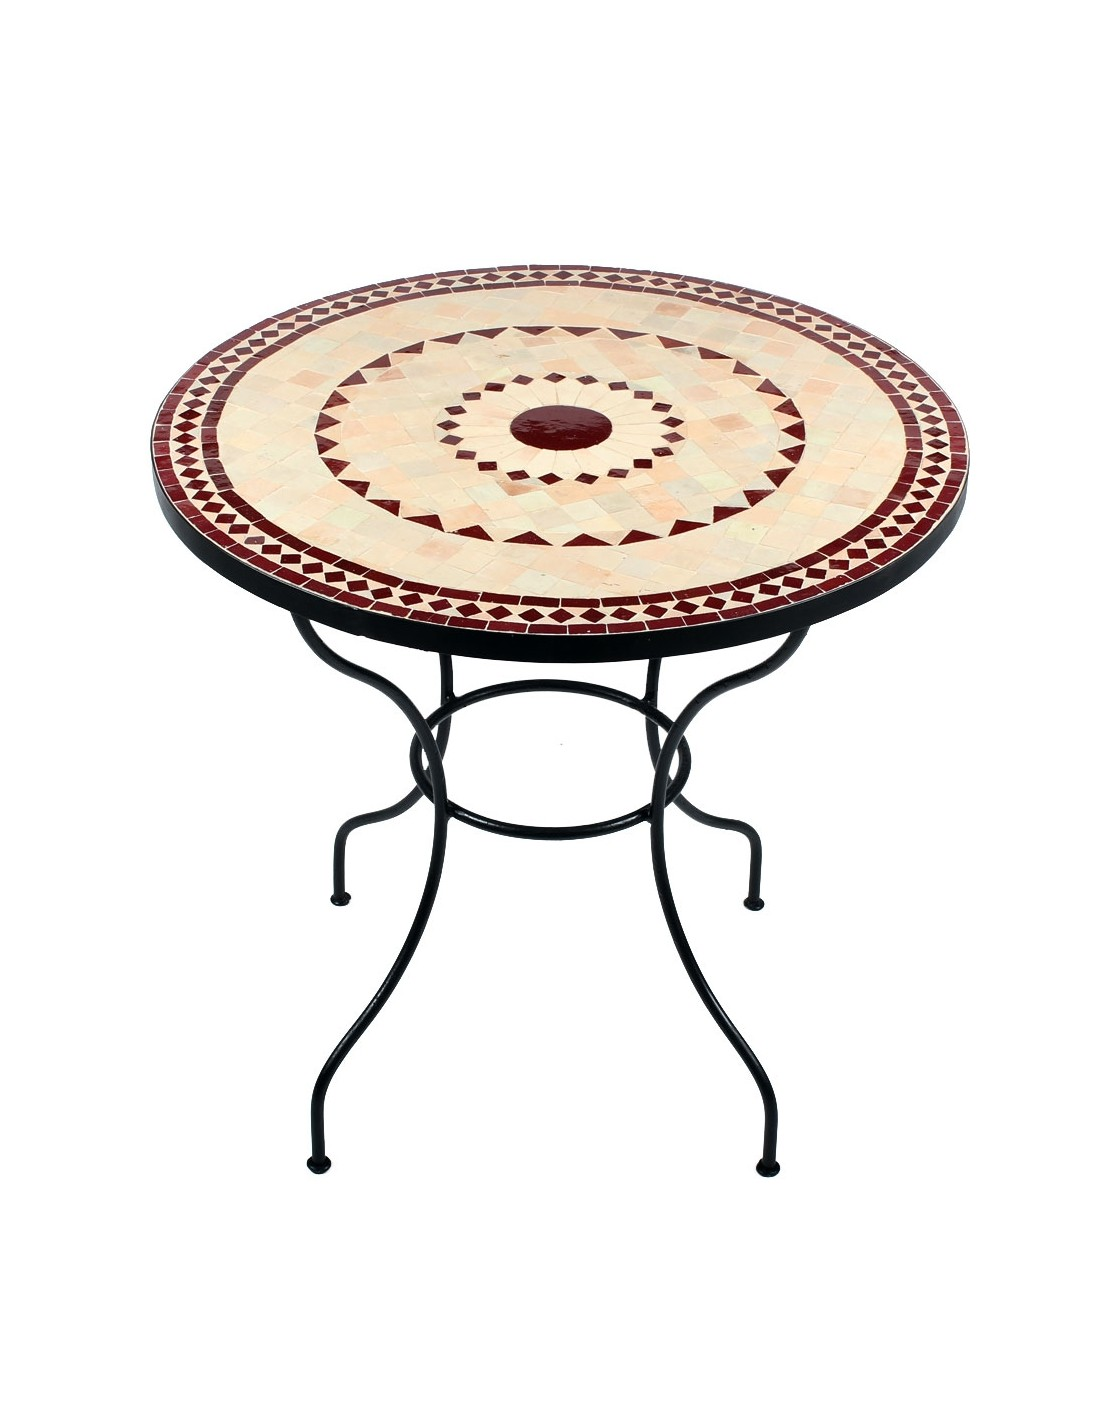 gartentisch rund 80 cm affordable ideen gartentisch rund cm durchmesser und tisch zrich tutti. Black Bedroom Furniture Sets. Home Design Ideas